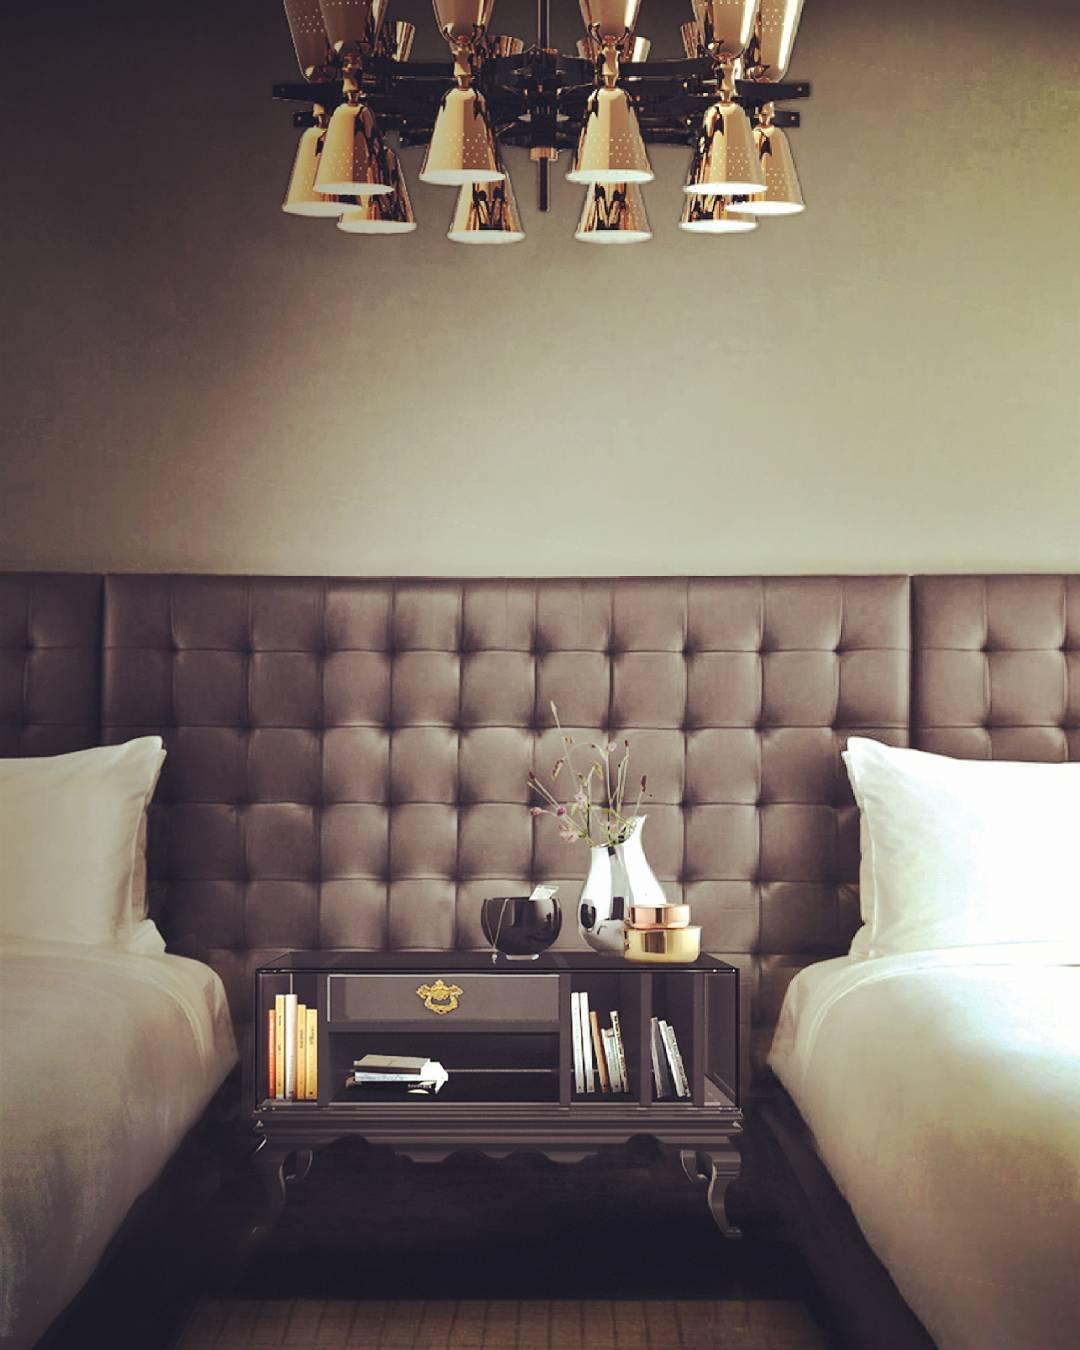 This exquisite nightstand features Boca do Lobos core design traitshellip